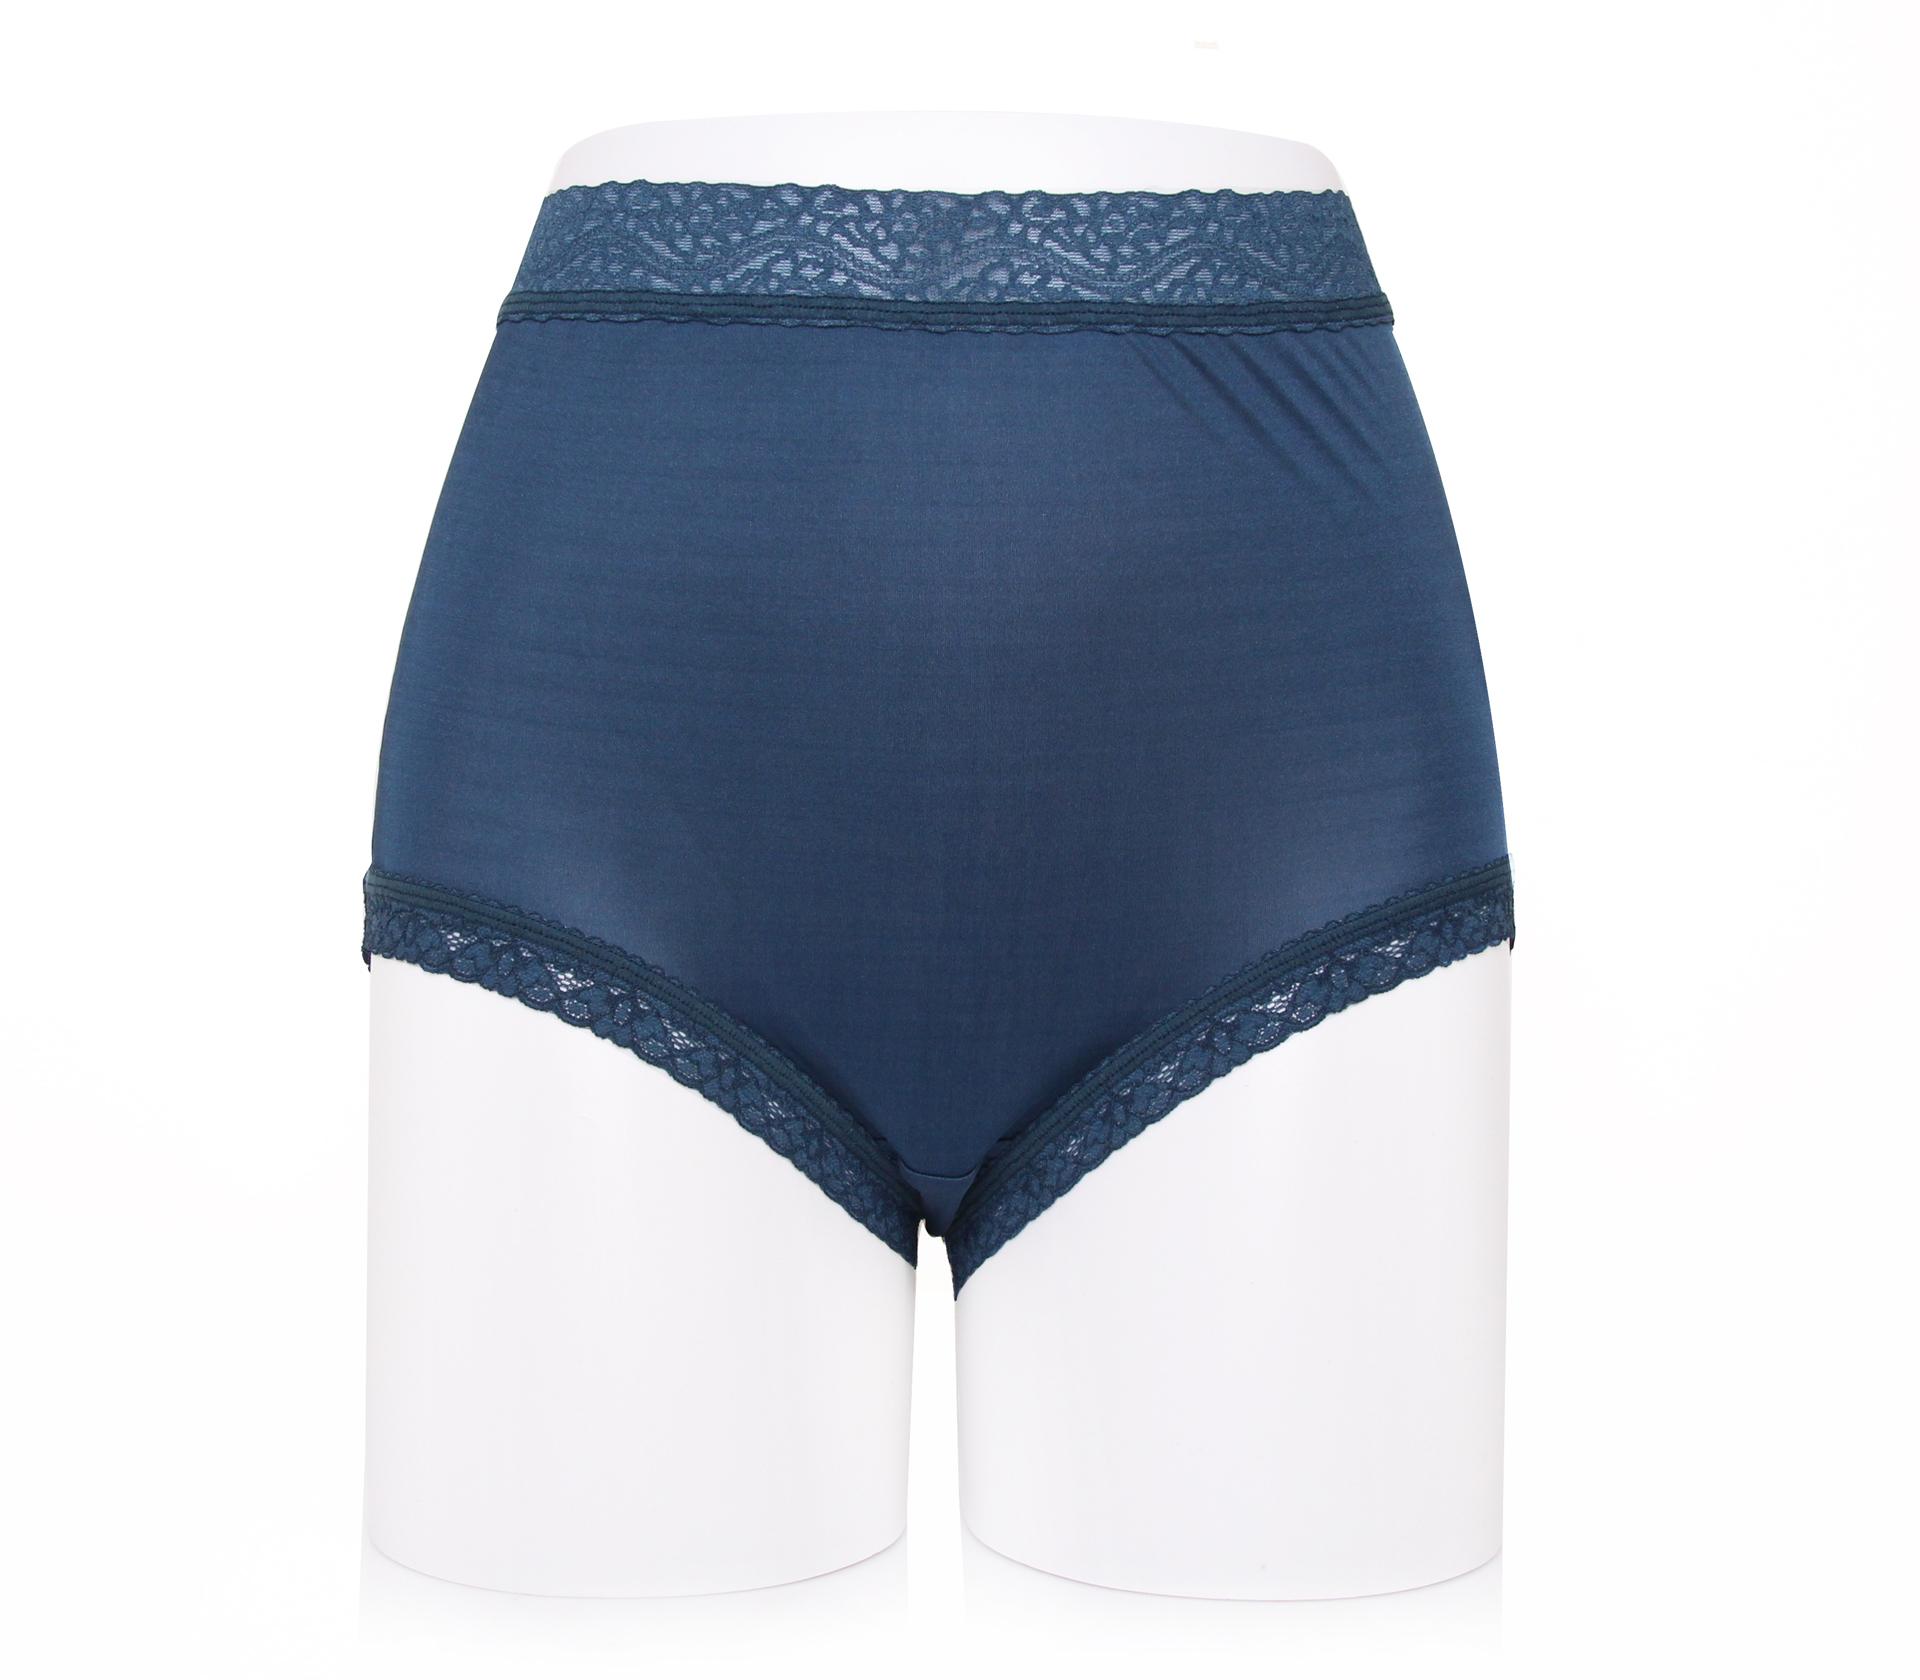 闕蘭絹42針『超高腰』素面氣質100%蠶絲內褲-88425 (深藍)